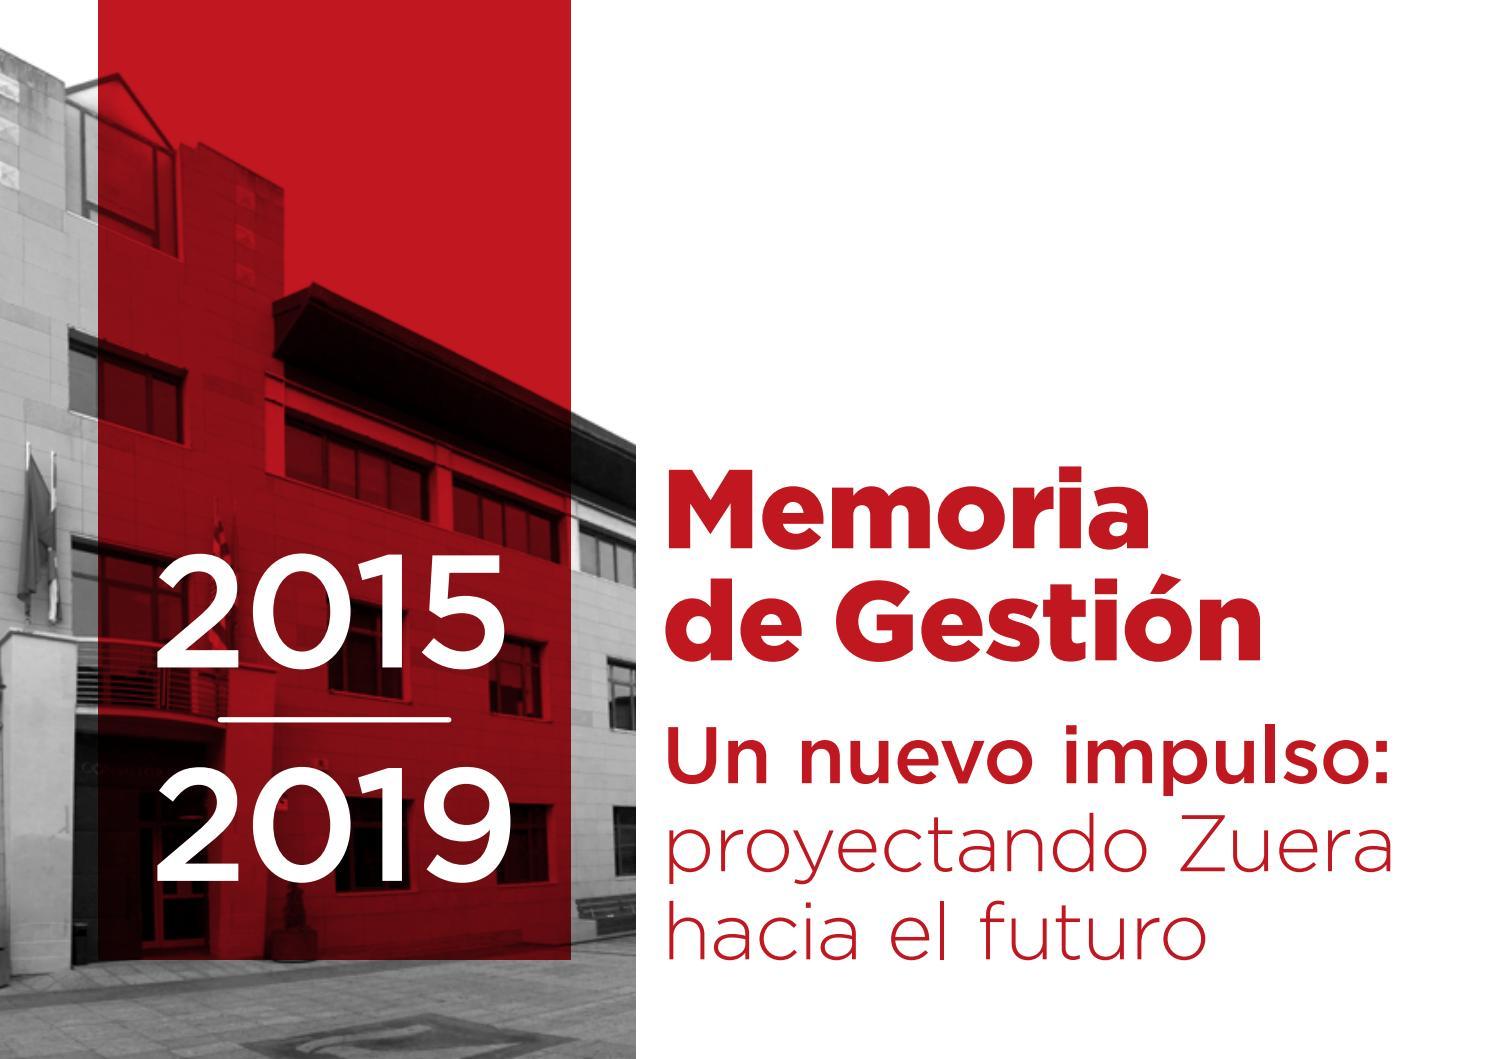 Ayuntamiento De Zuera Memoria De Gestión 2015 2019 By